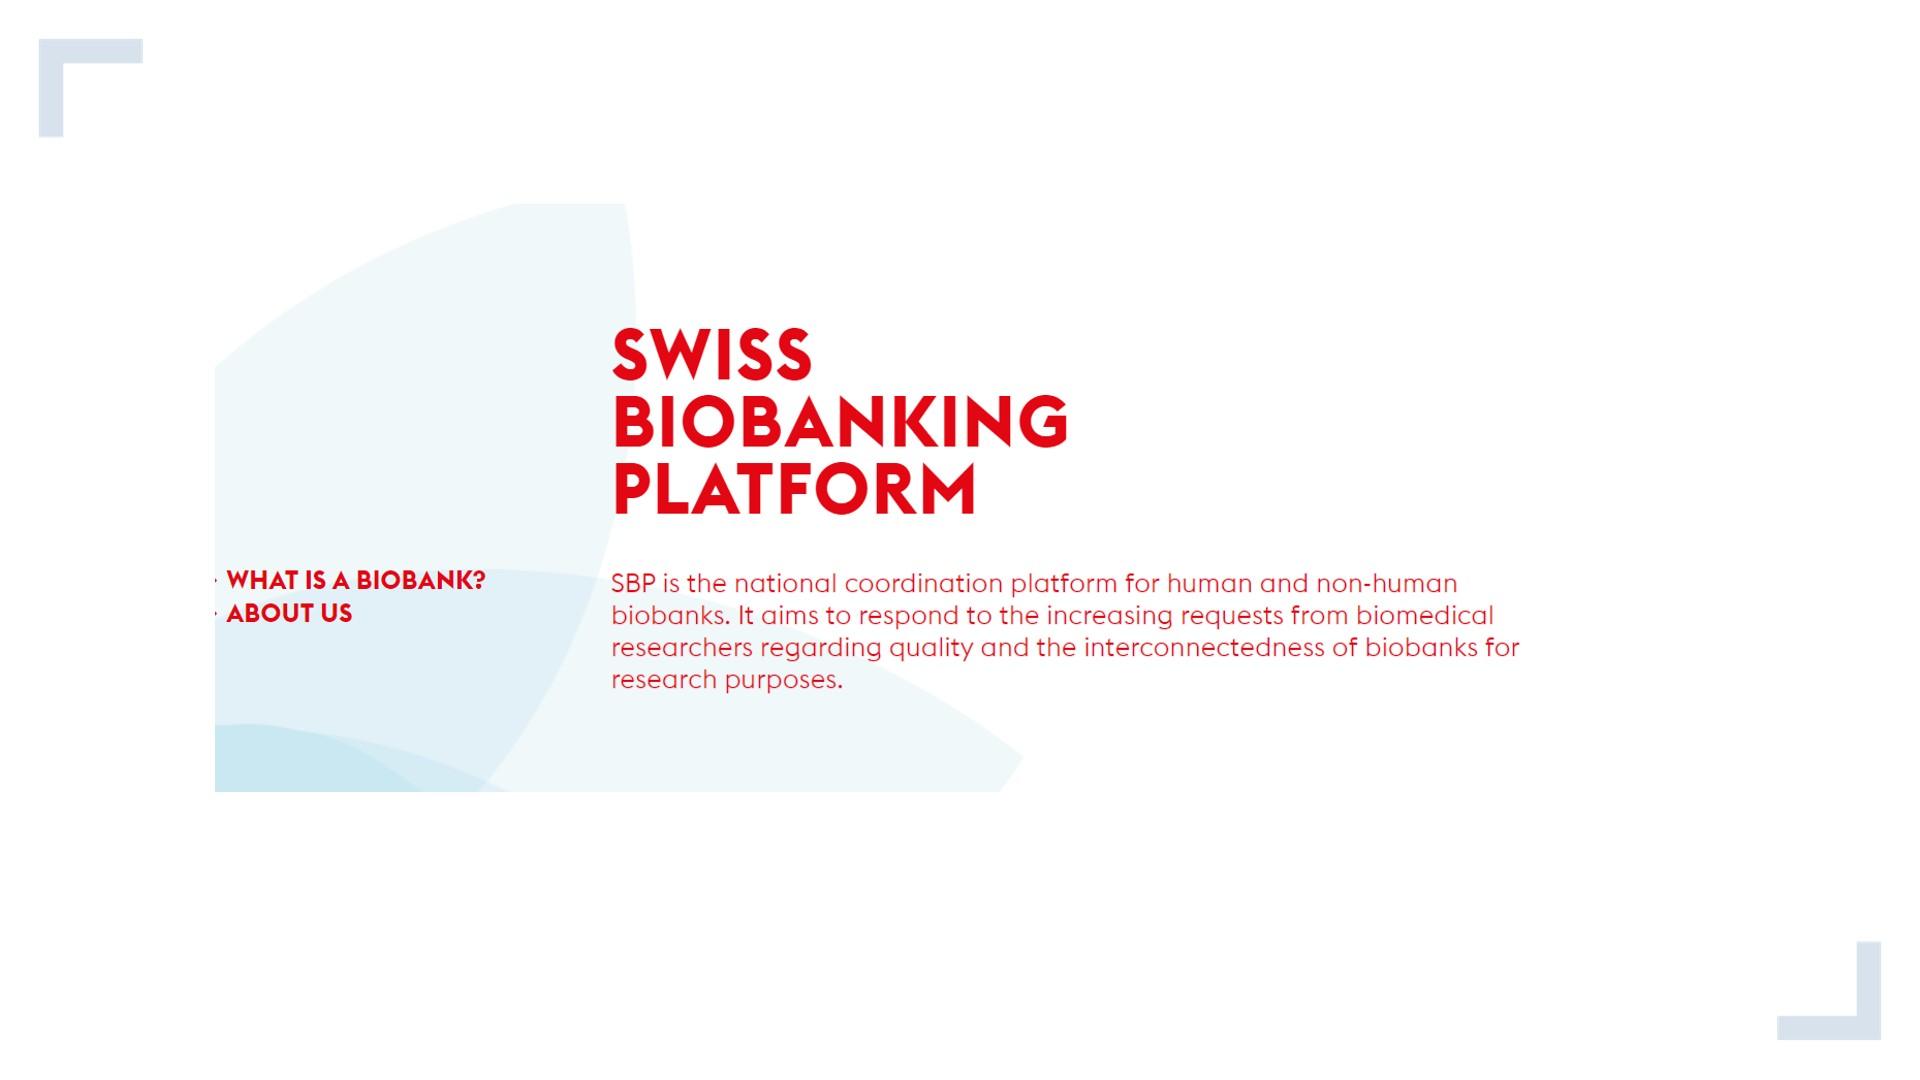 SwissBiobankingPlatform